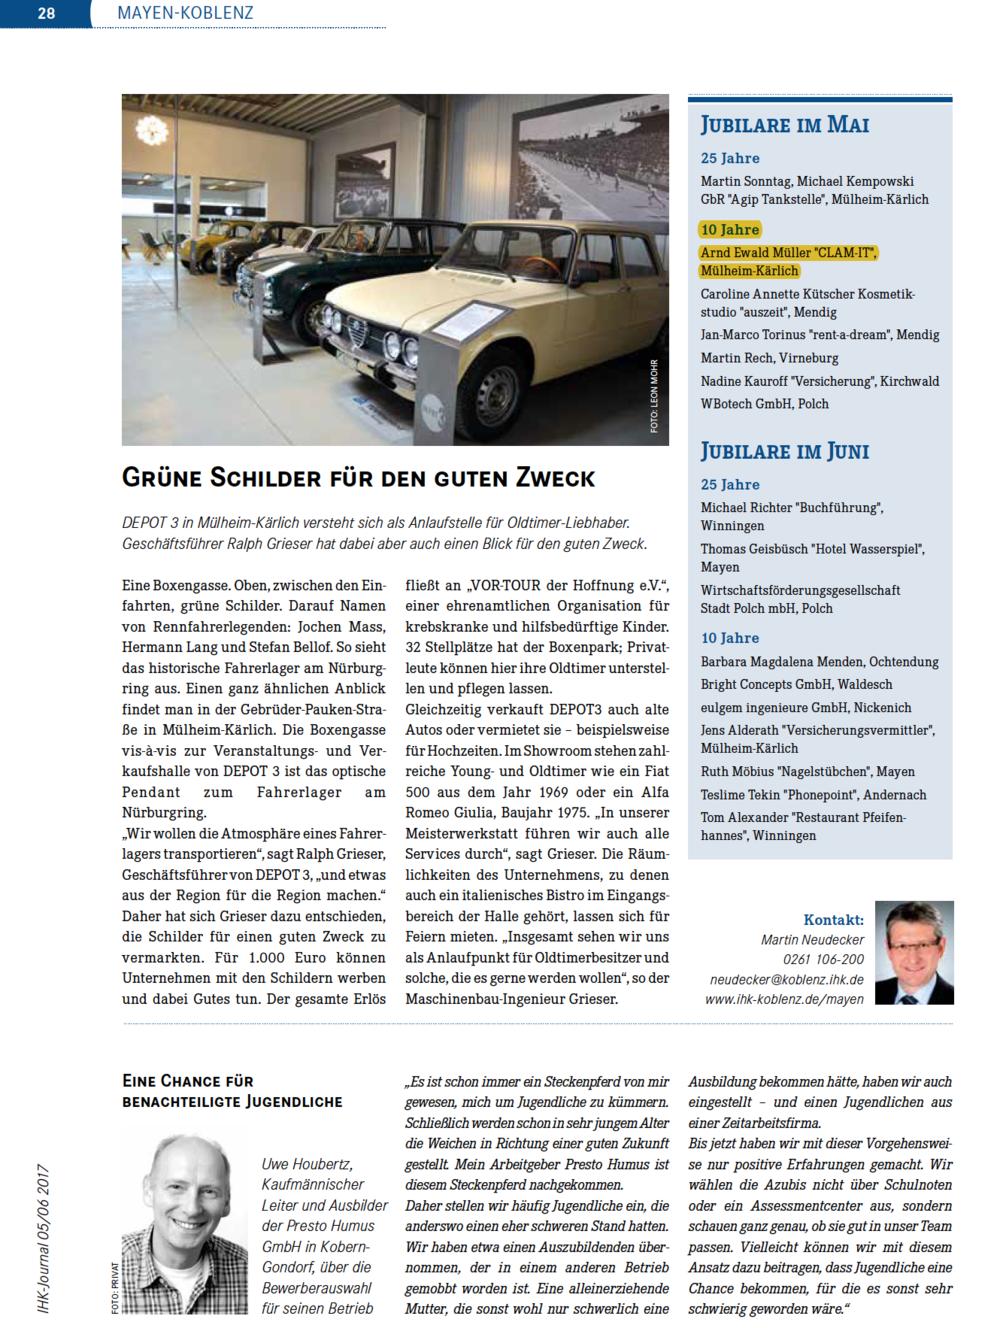 CLAM-IT feiert Jubiläum - Arnd Müller gründete CLAM-IT im Jahre 2007